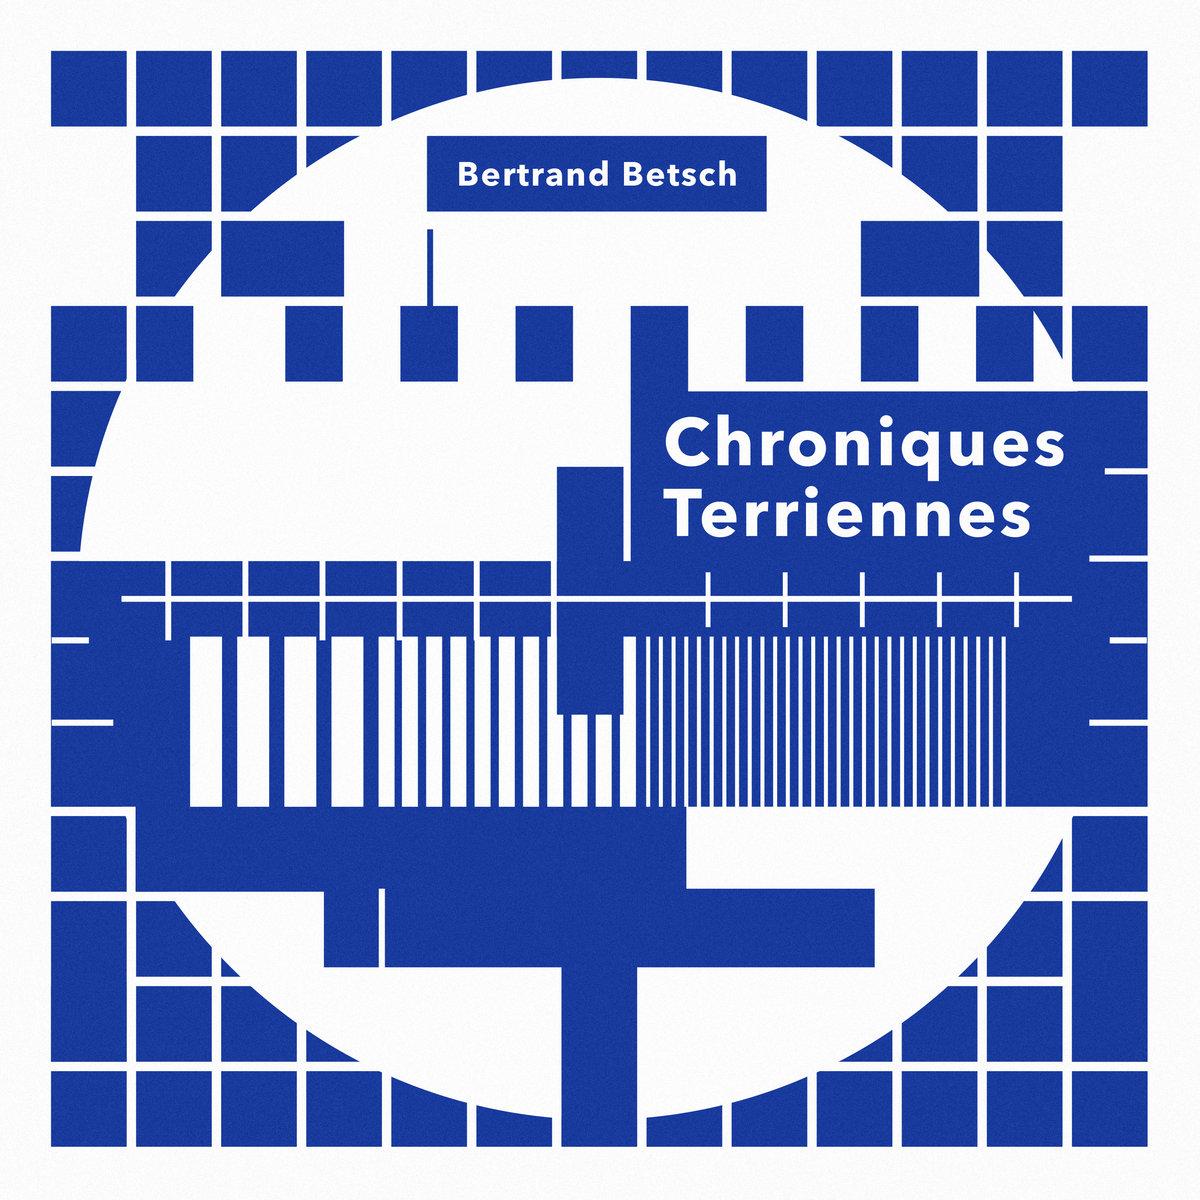 Bertrand Betsch – Chroniques Terriennes